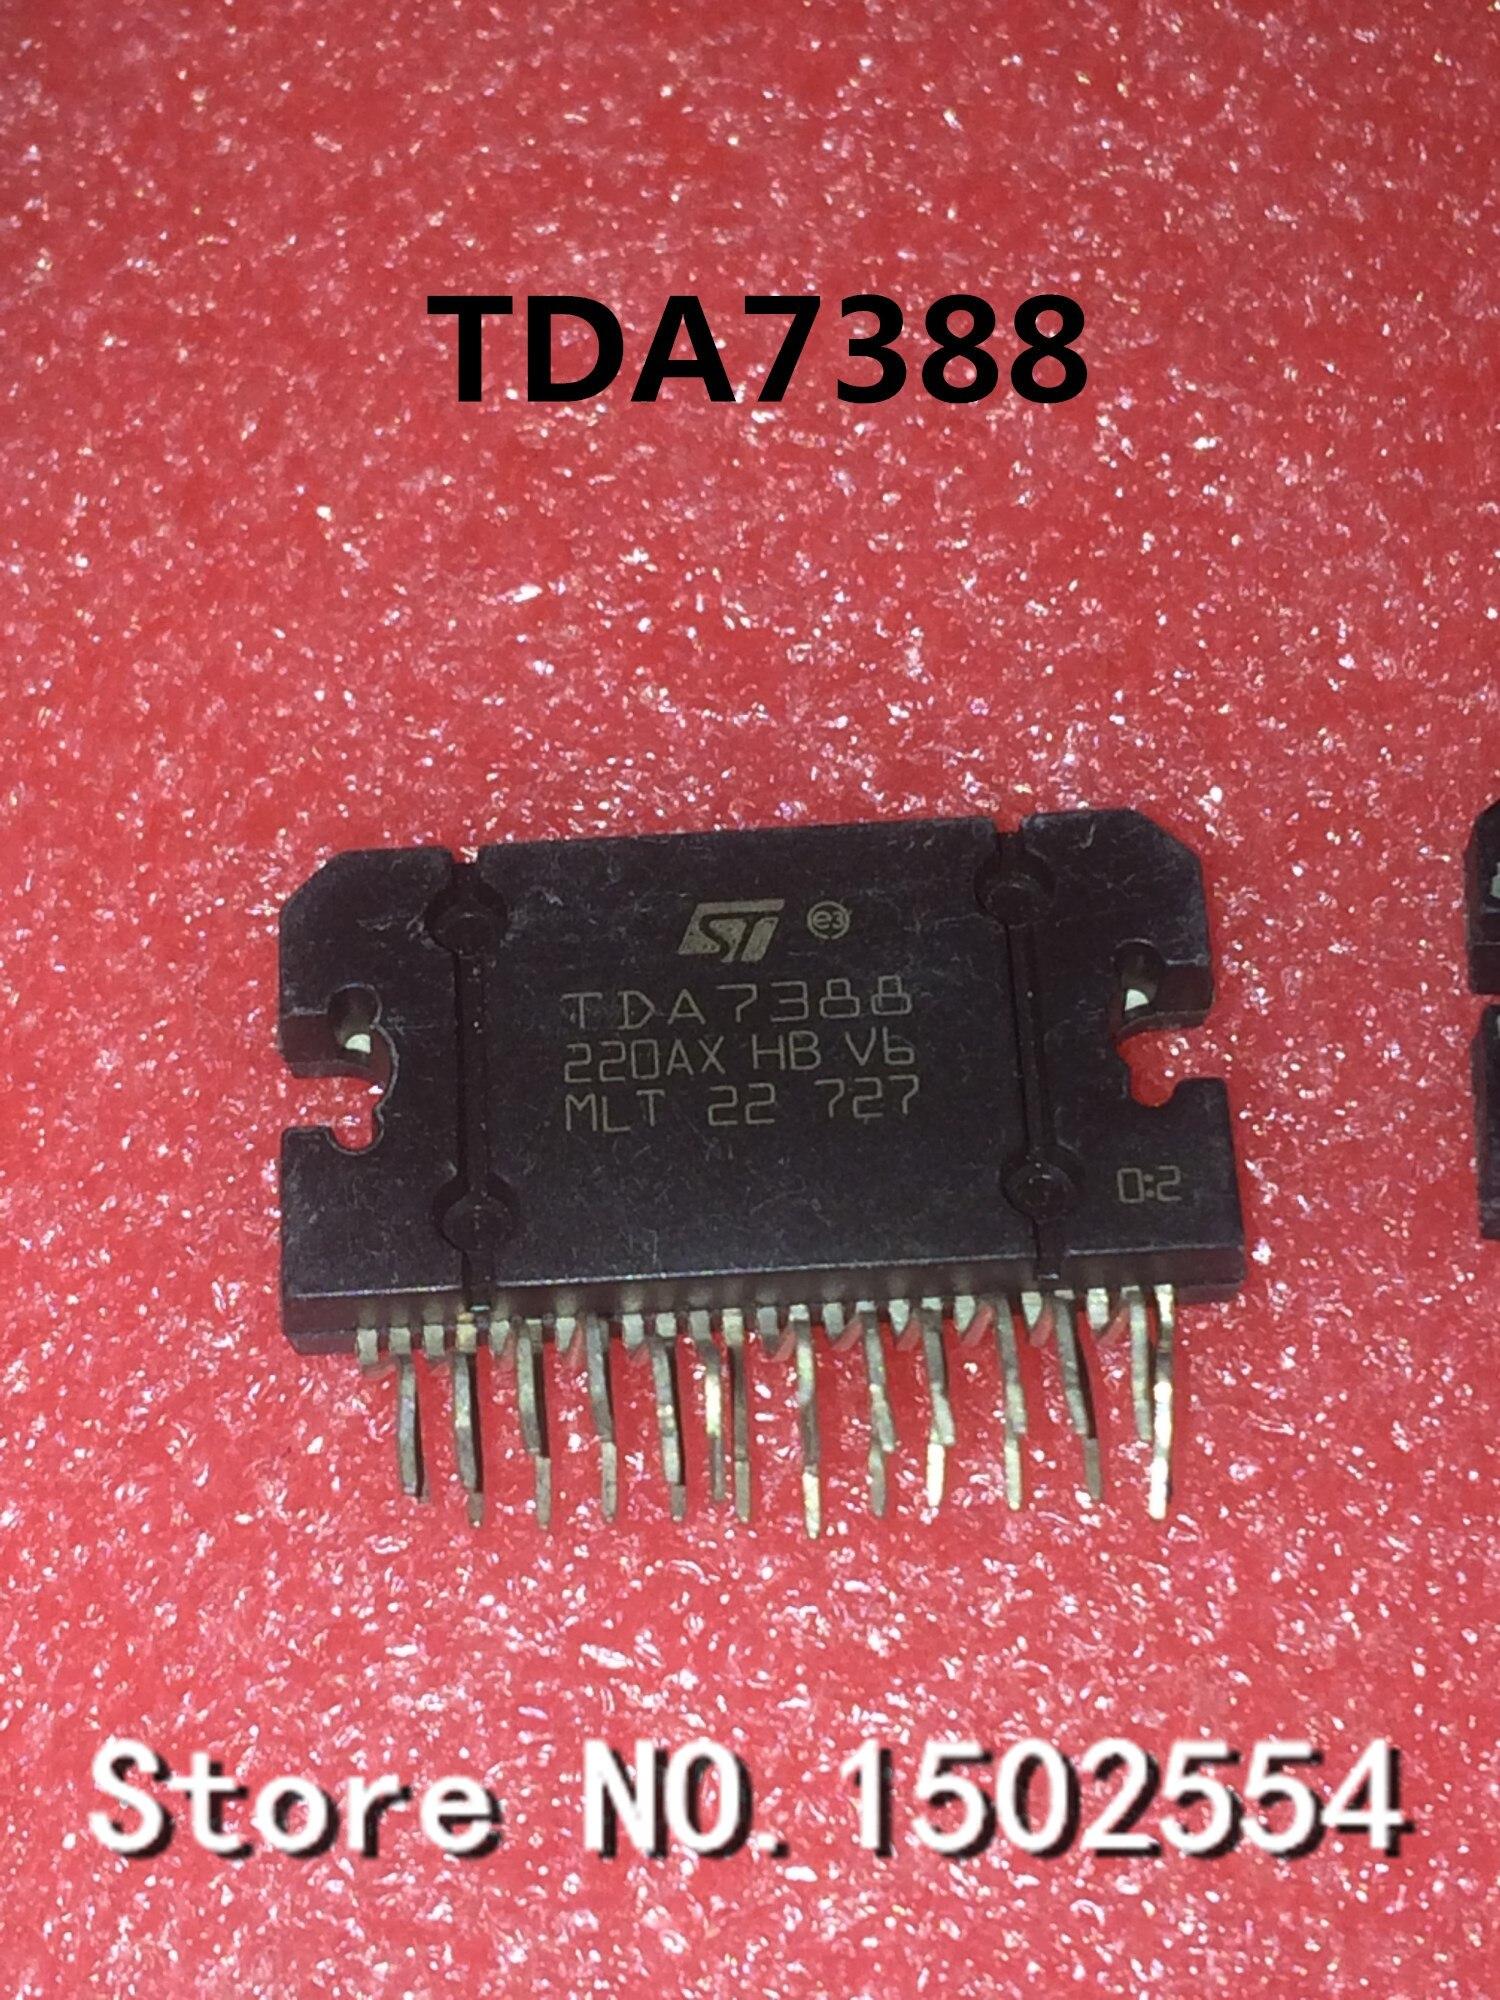 TDA7388 молния-25 автомобильный усилитель аудио усилитель микросхема четыре-канальный выход